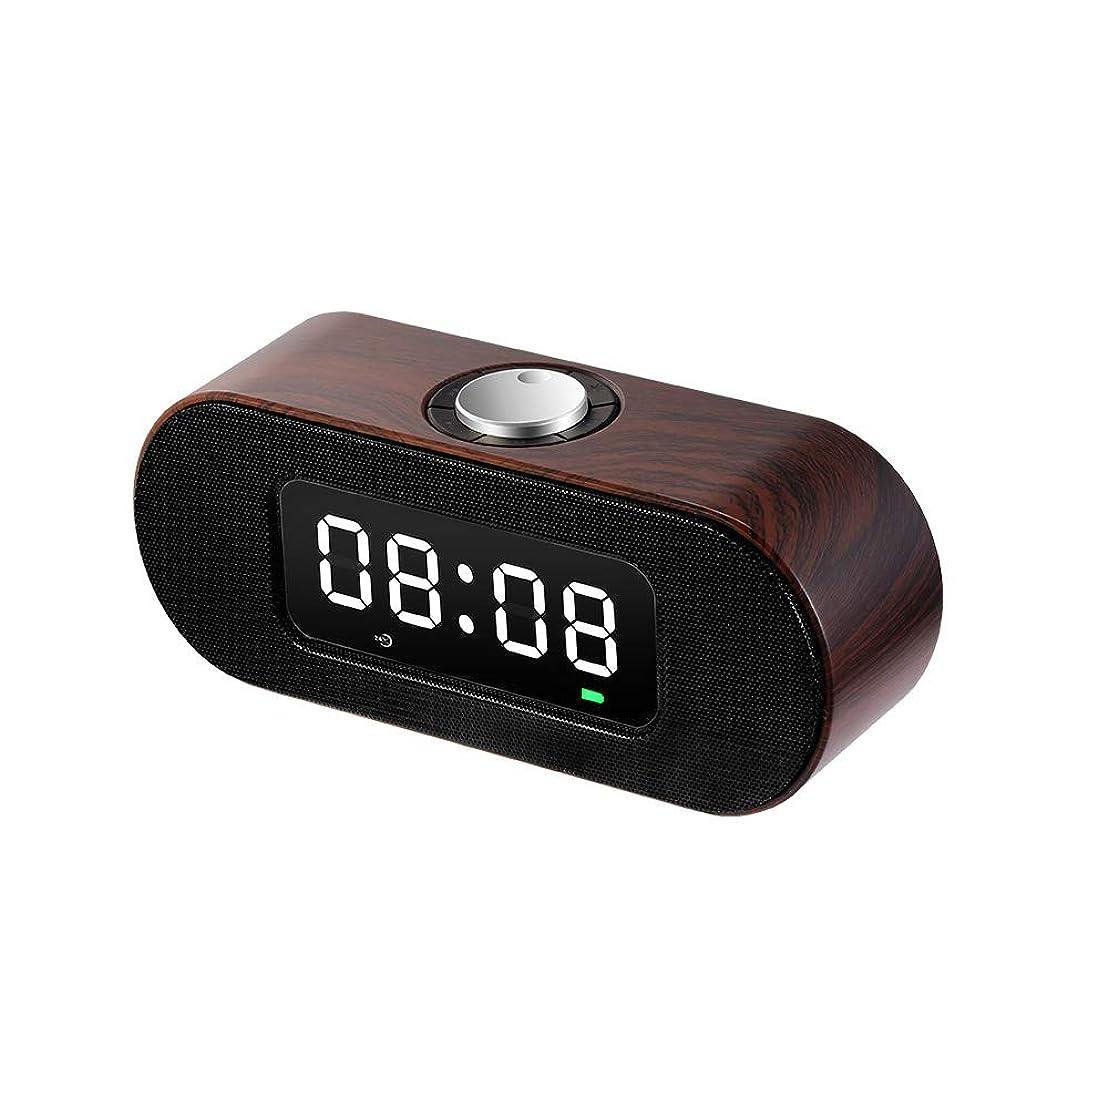 バイパス盲信施設家庭用木目ノブのBluetoothオーディオアラームクロック、寝室のラジオスマートアラームクロック、多機能、シンプルで軽量なカードの音楽目覚まし時計(サイズ:長さ200ミリメートル、幅60ミリメートル、高さ90ミリメートル)